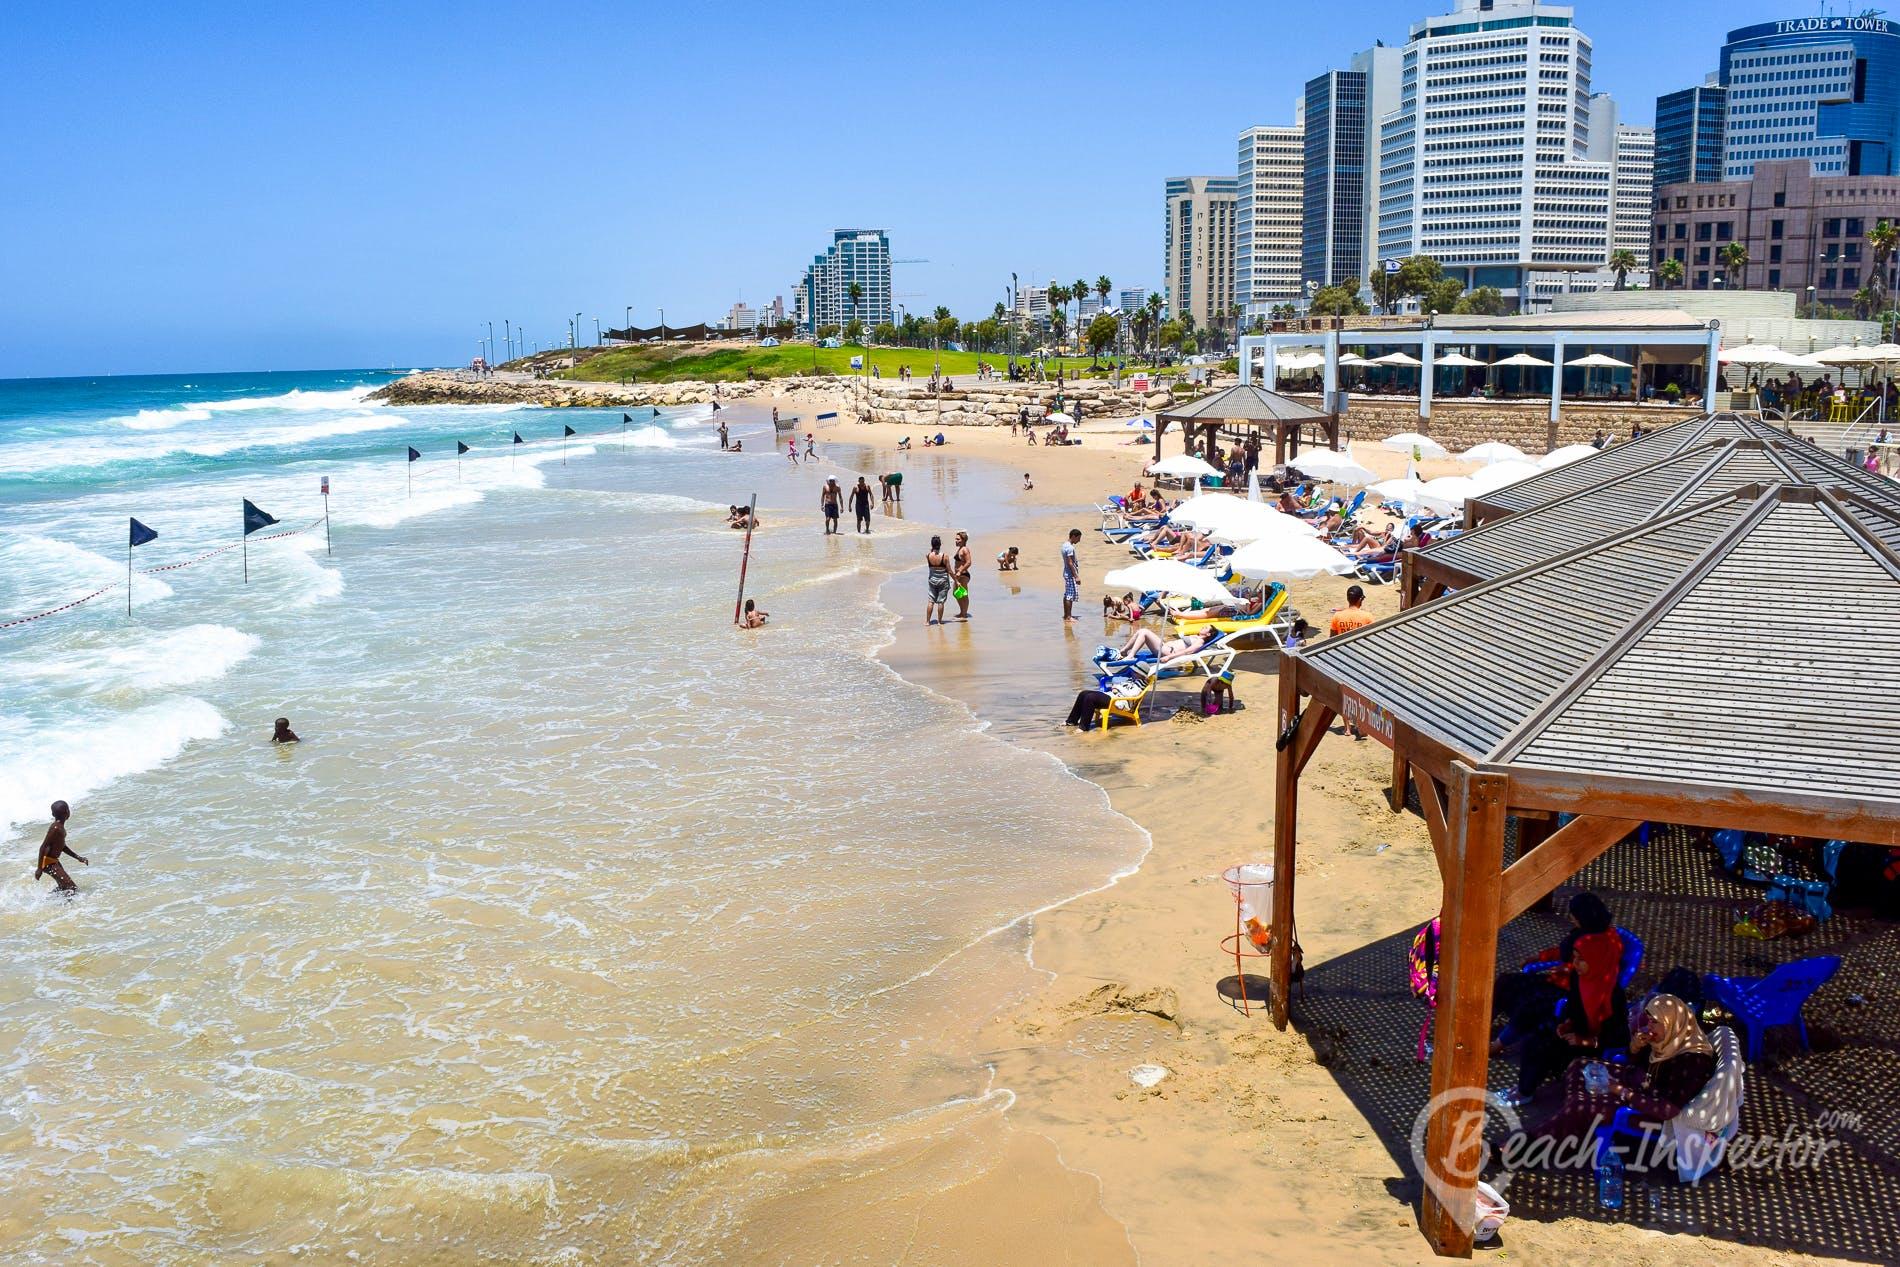 Playa Charles Clore Beach, Israel, Israel